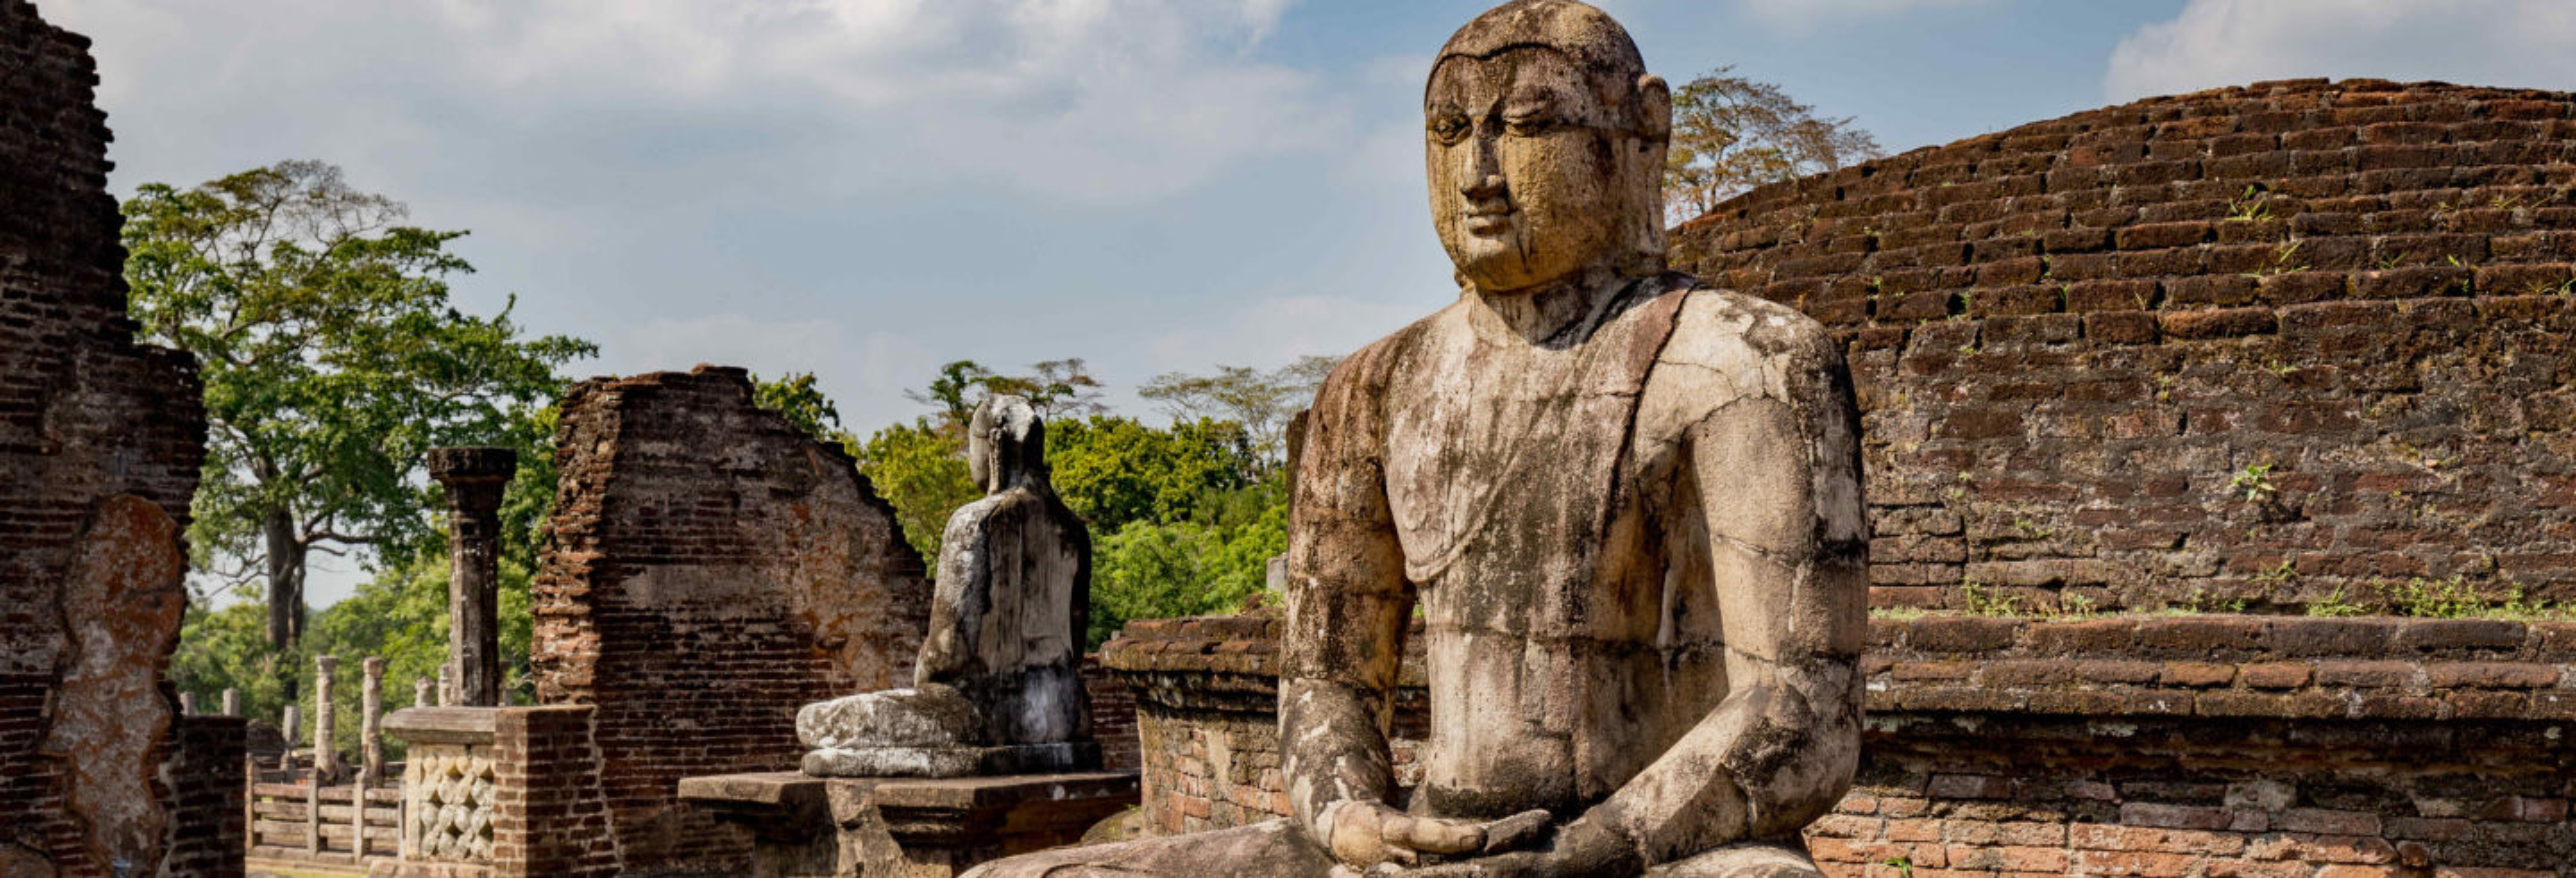 Tour privado de 2 días por Sigiriya, Dambulla y Polonnaruwa